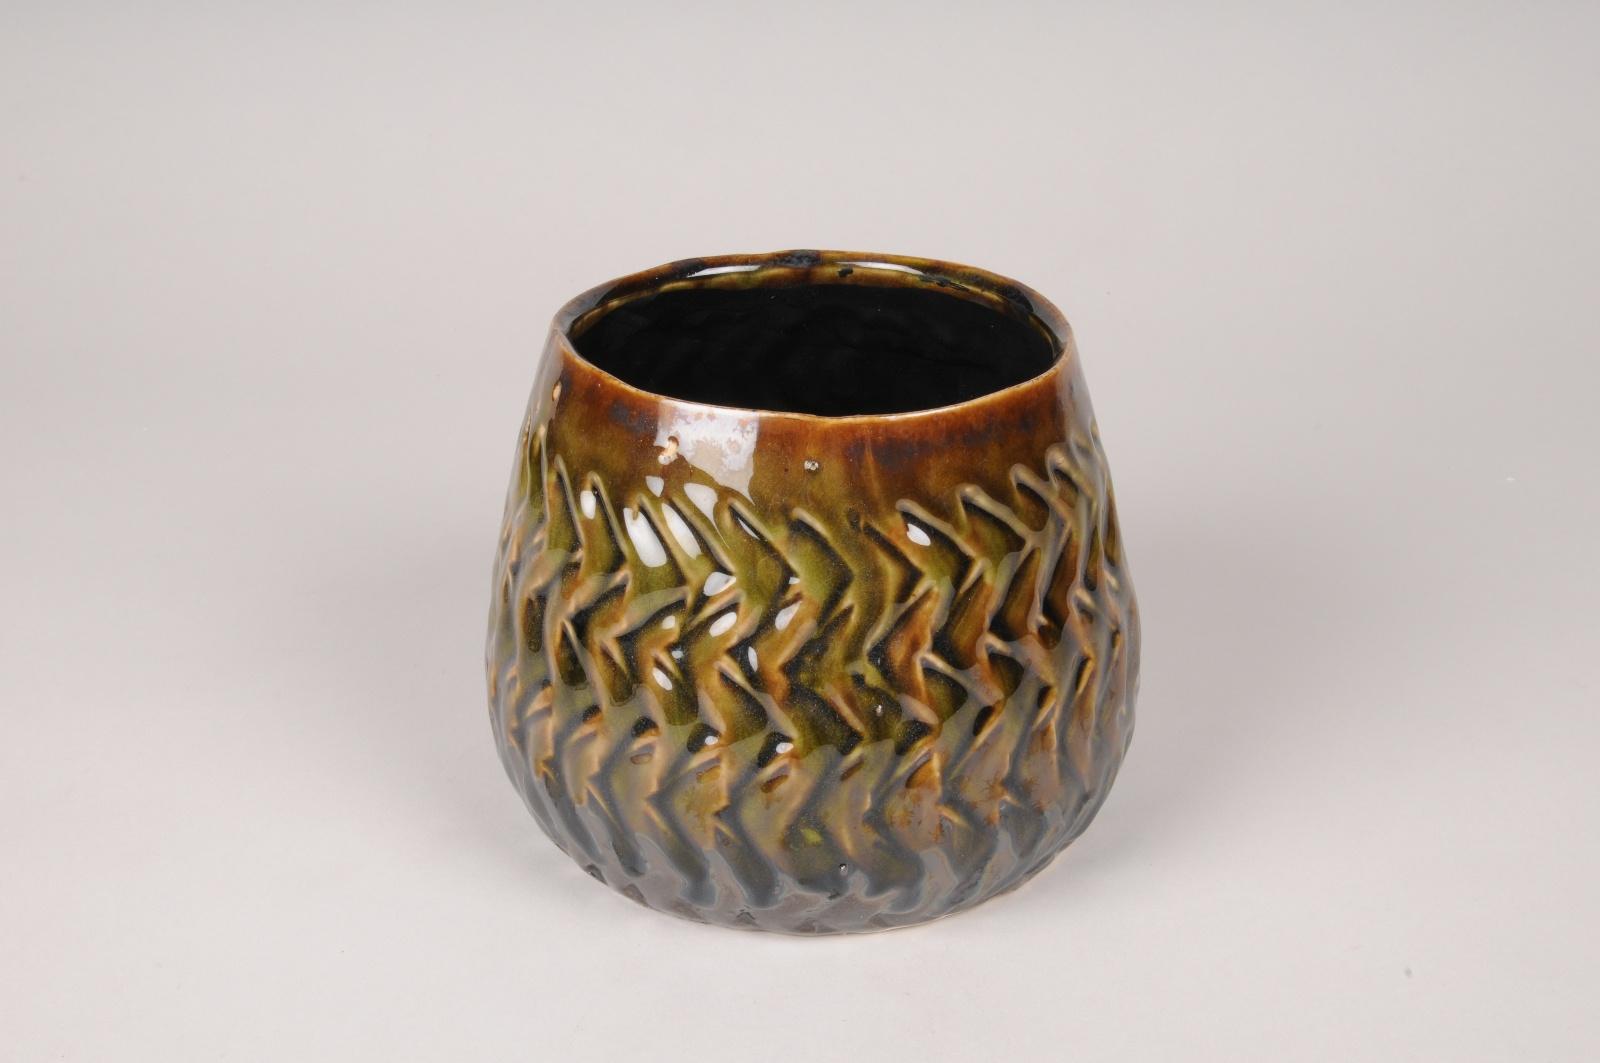 A411U7 Cache-pot en céramique vert et marron D16cm H12.5cm